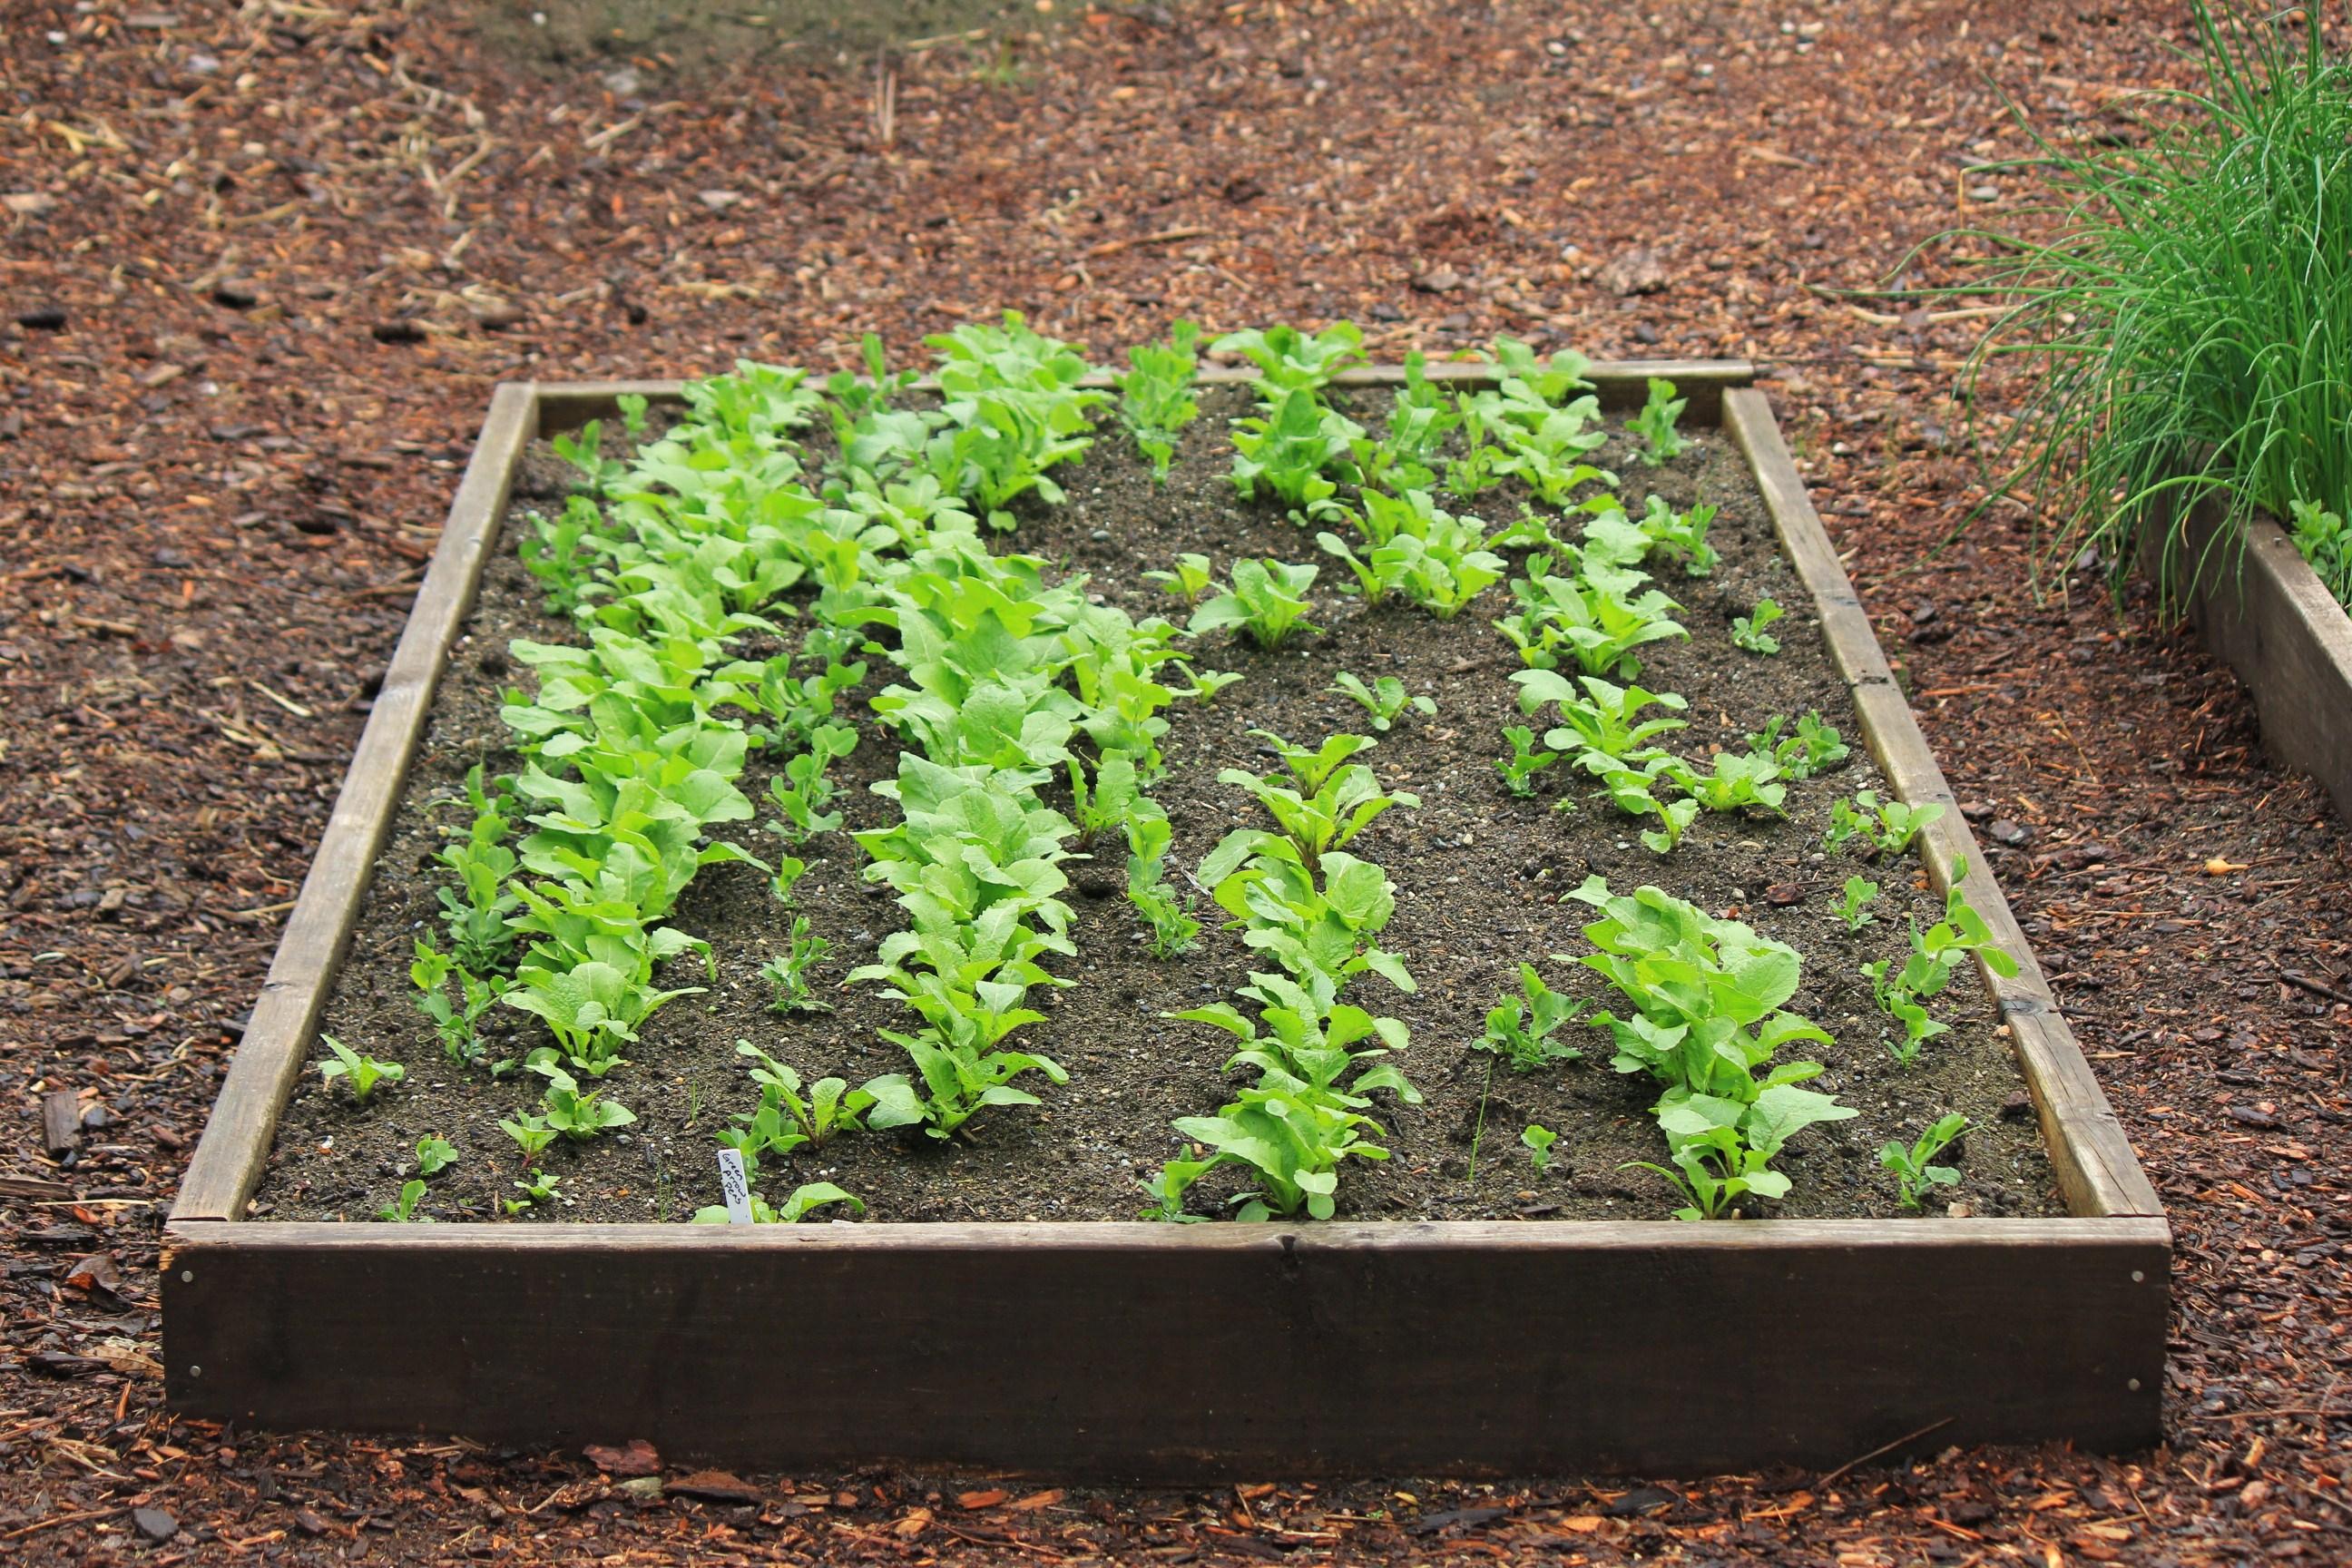 How to Transplant Pea Seedlings